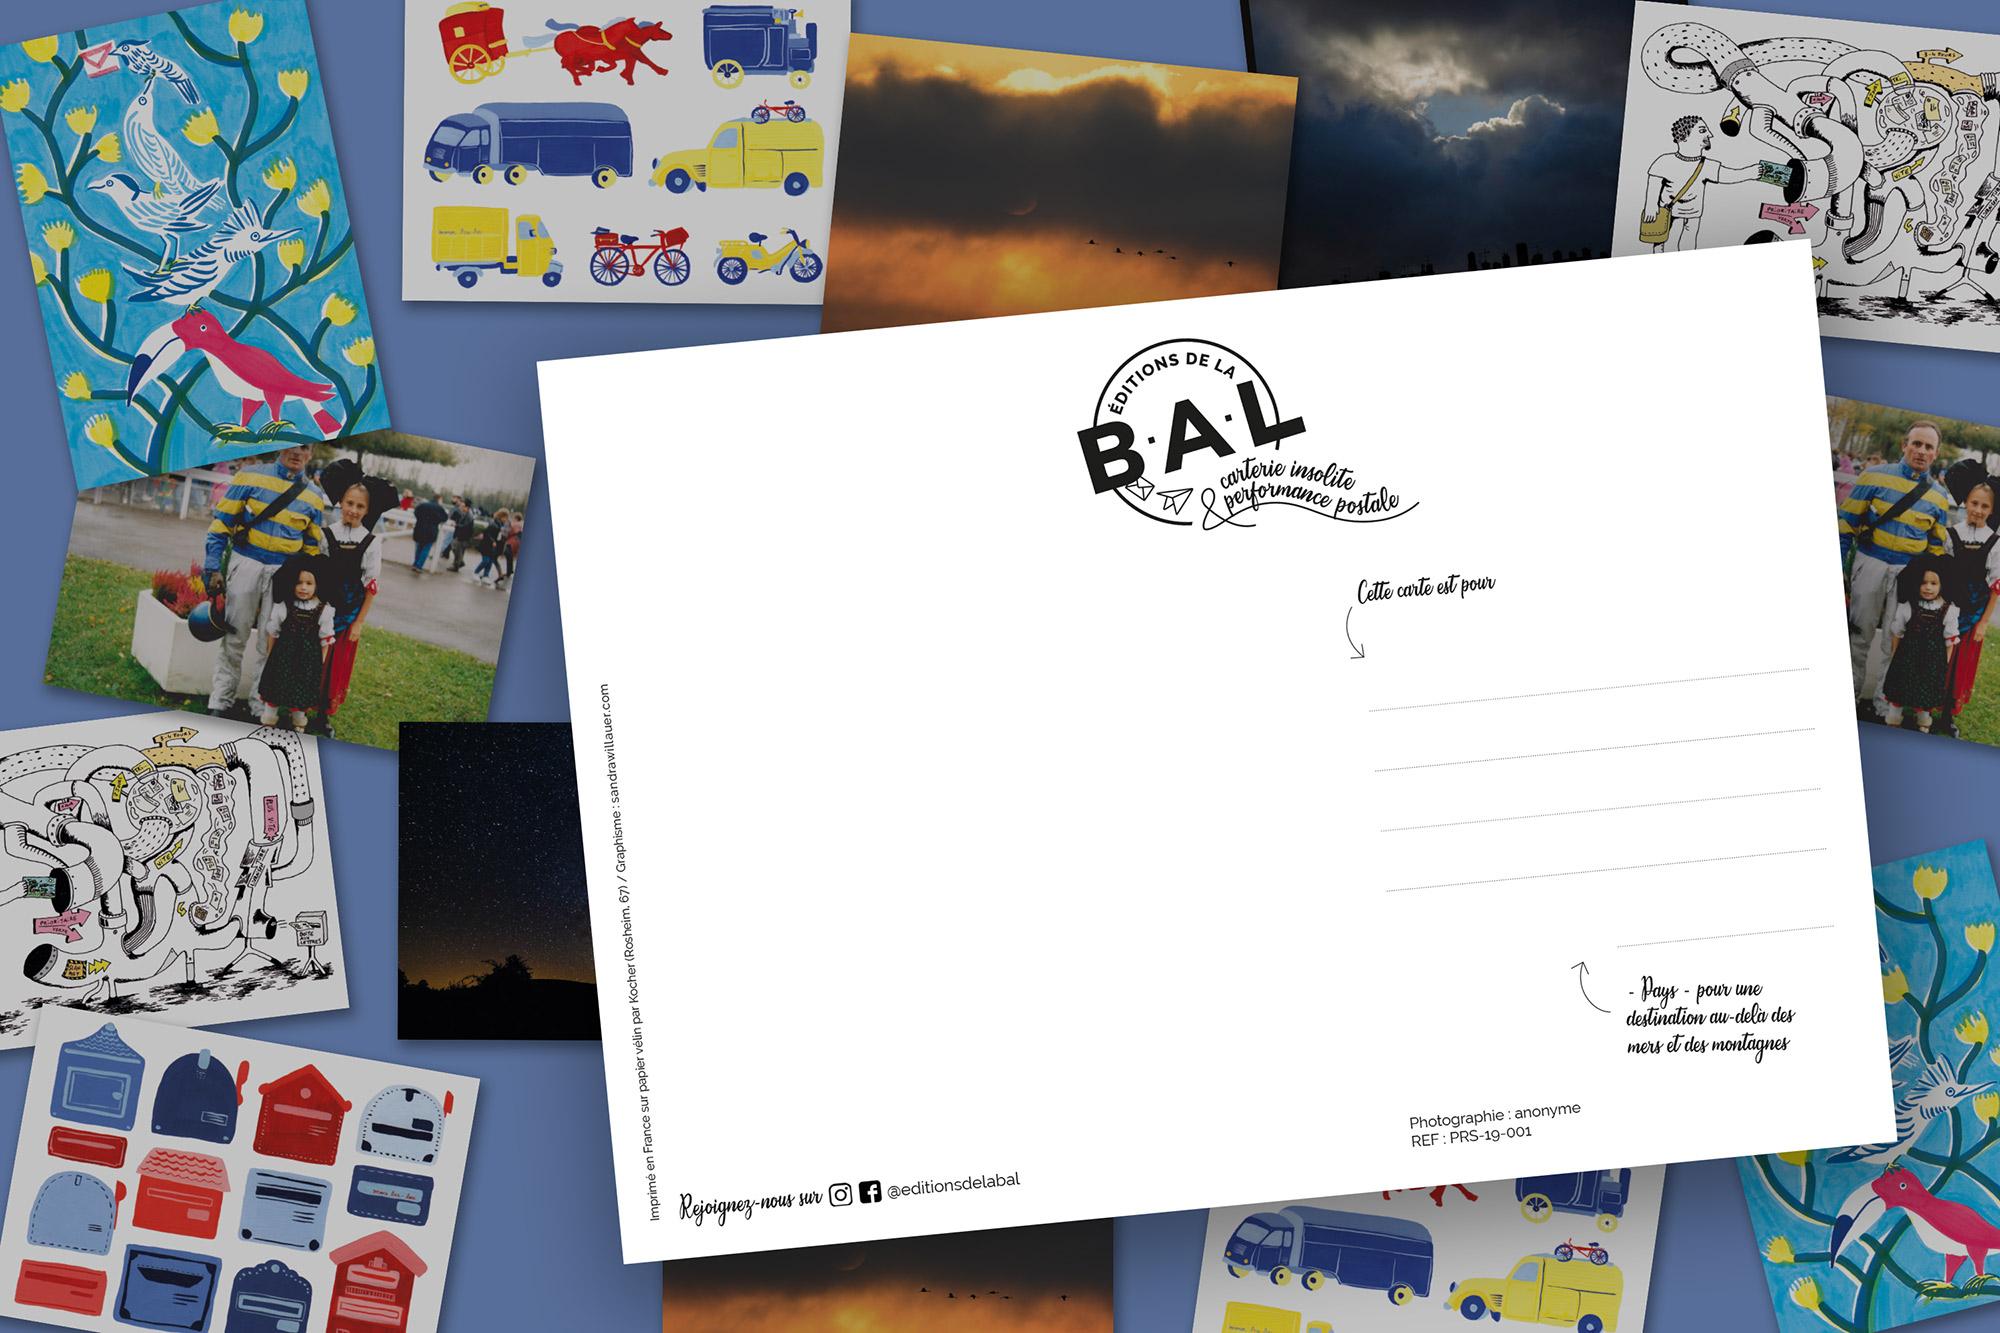 Présentation de la maquette verso des cartes postales des éditions de la BAL